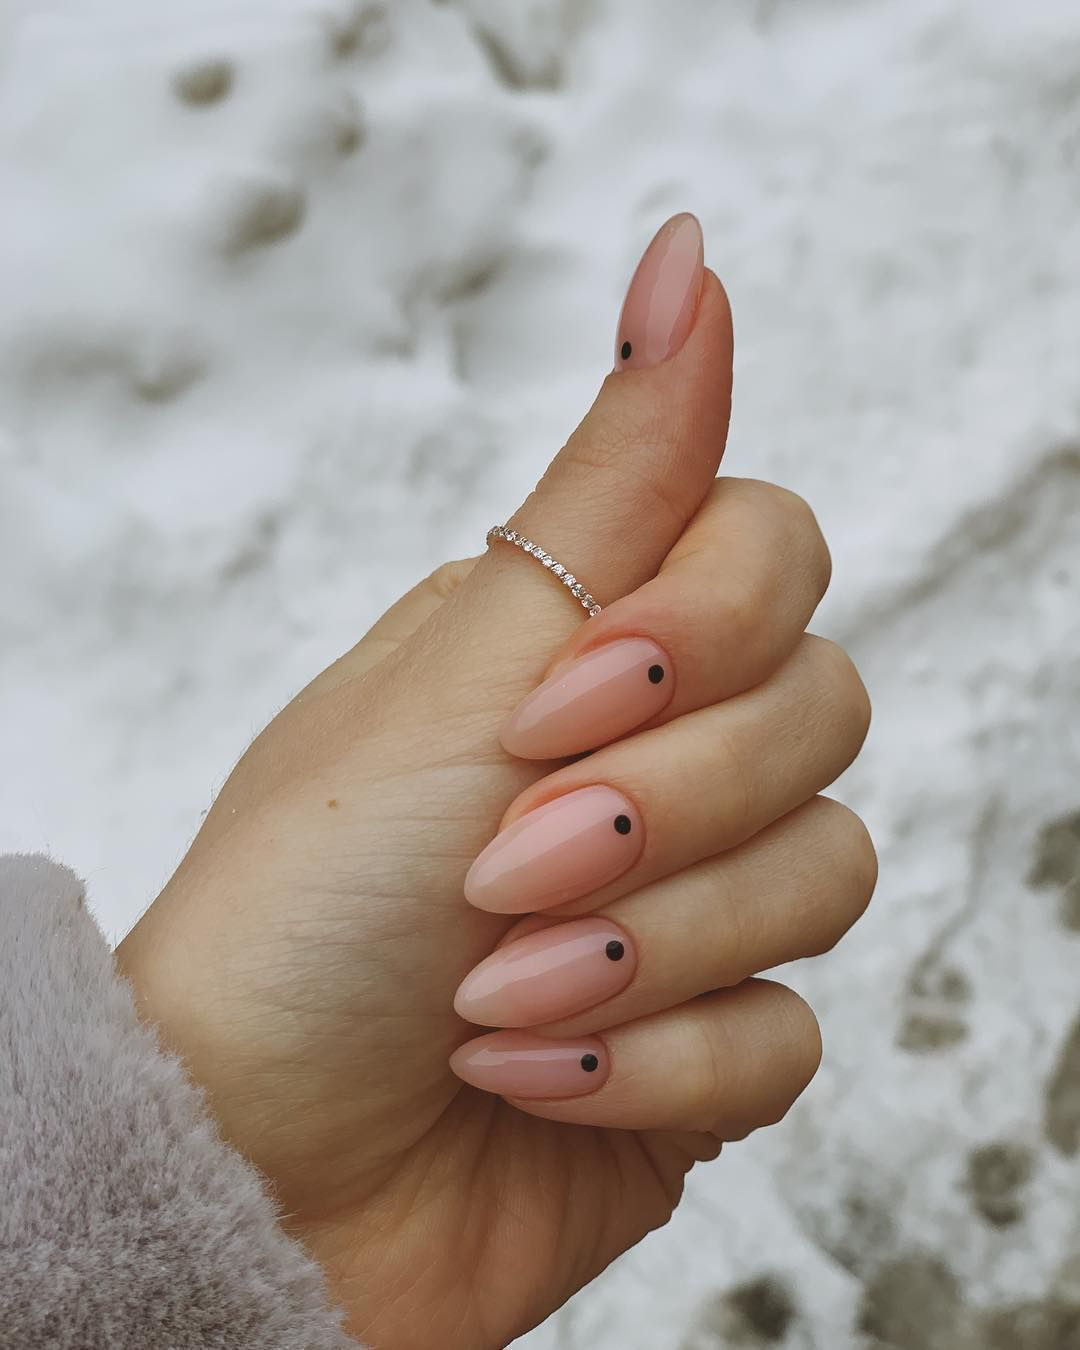 #holiday nail #coffin nail #purple nail #diy garden #garden outfit #pink nail